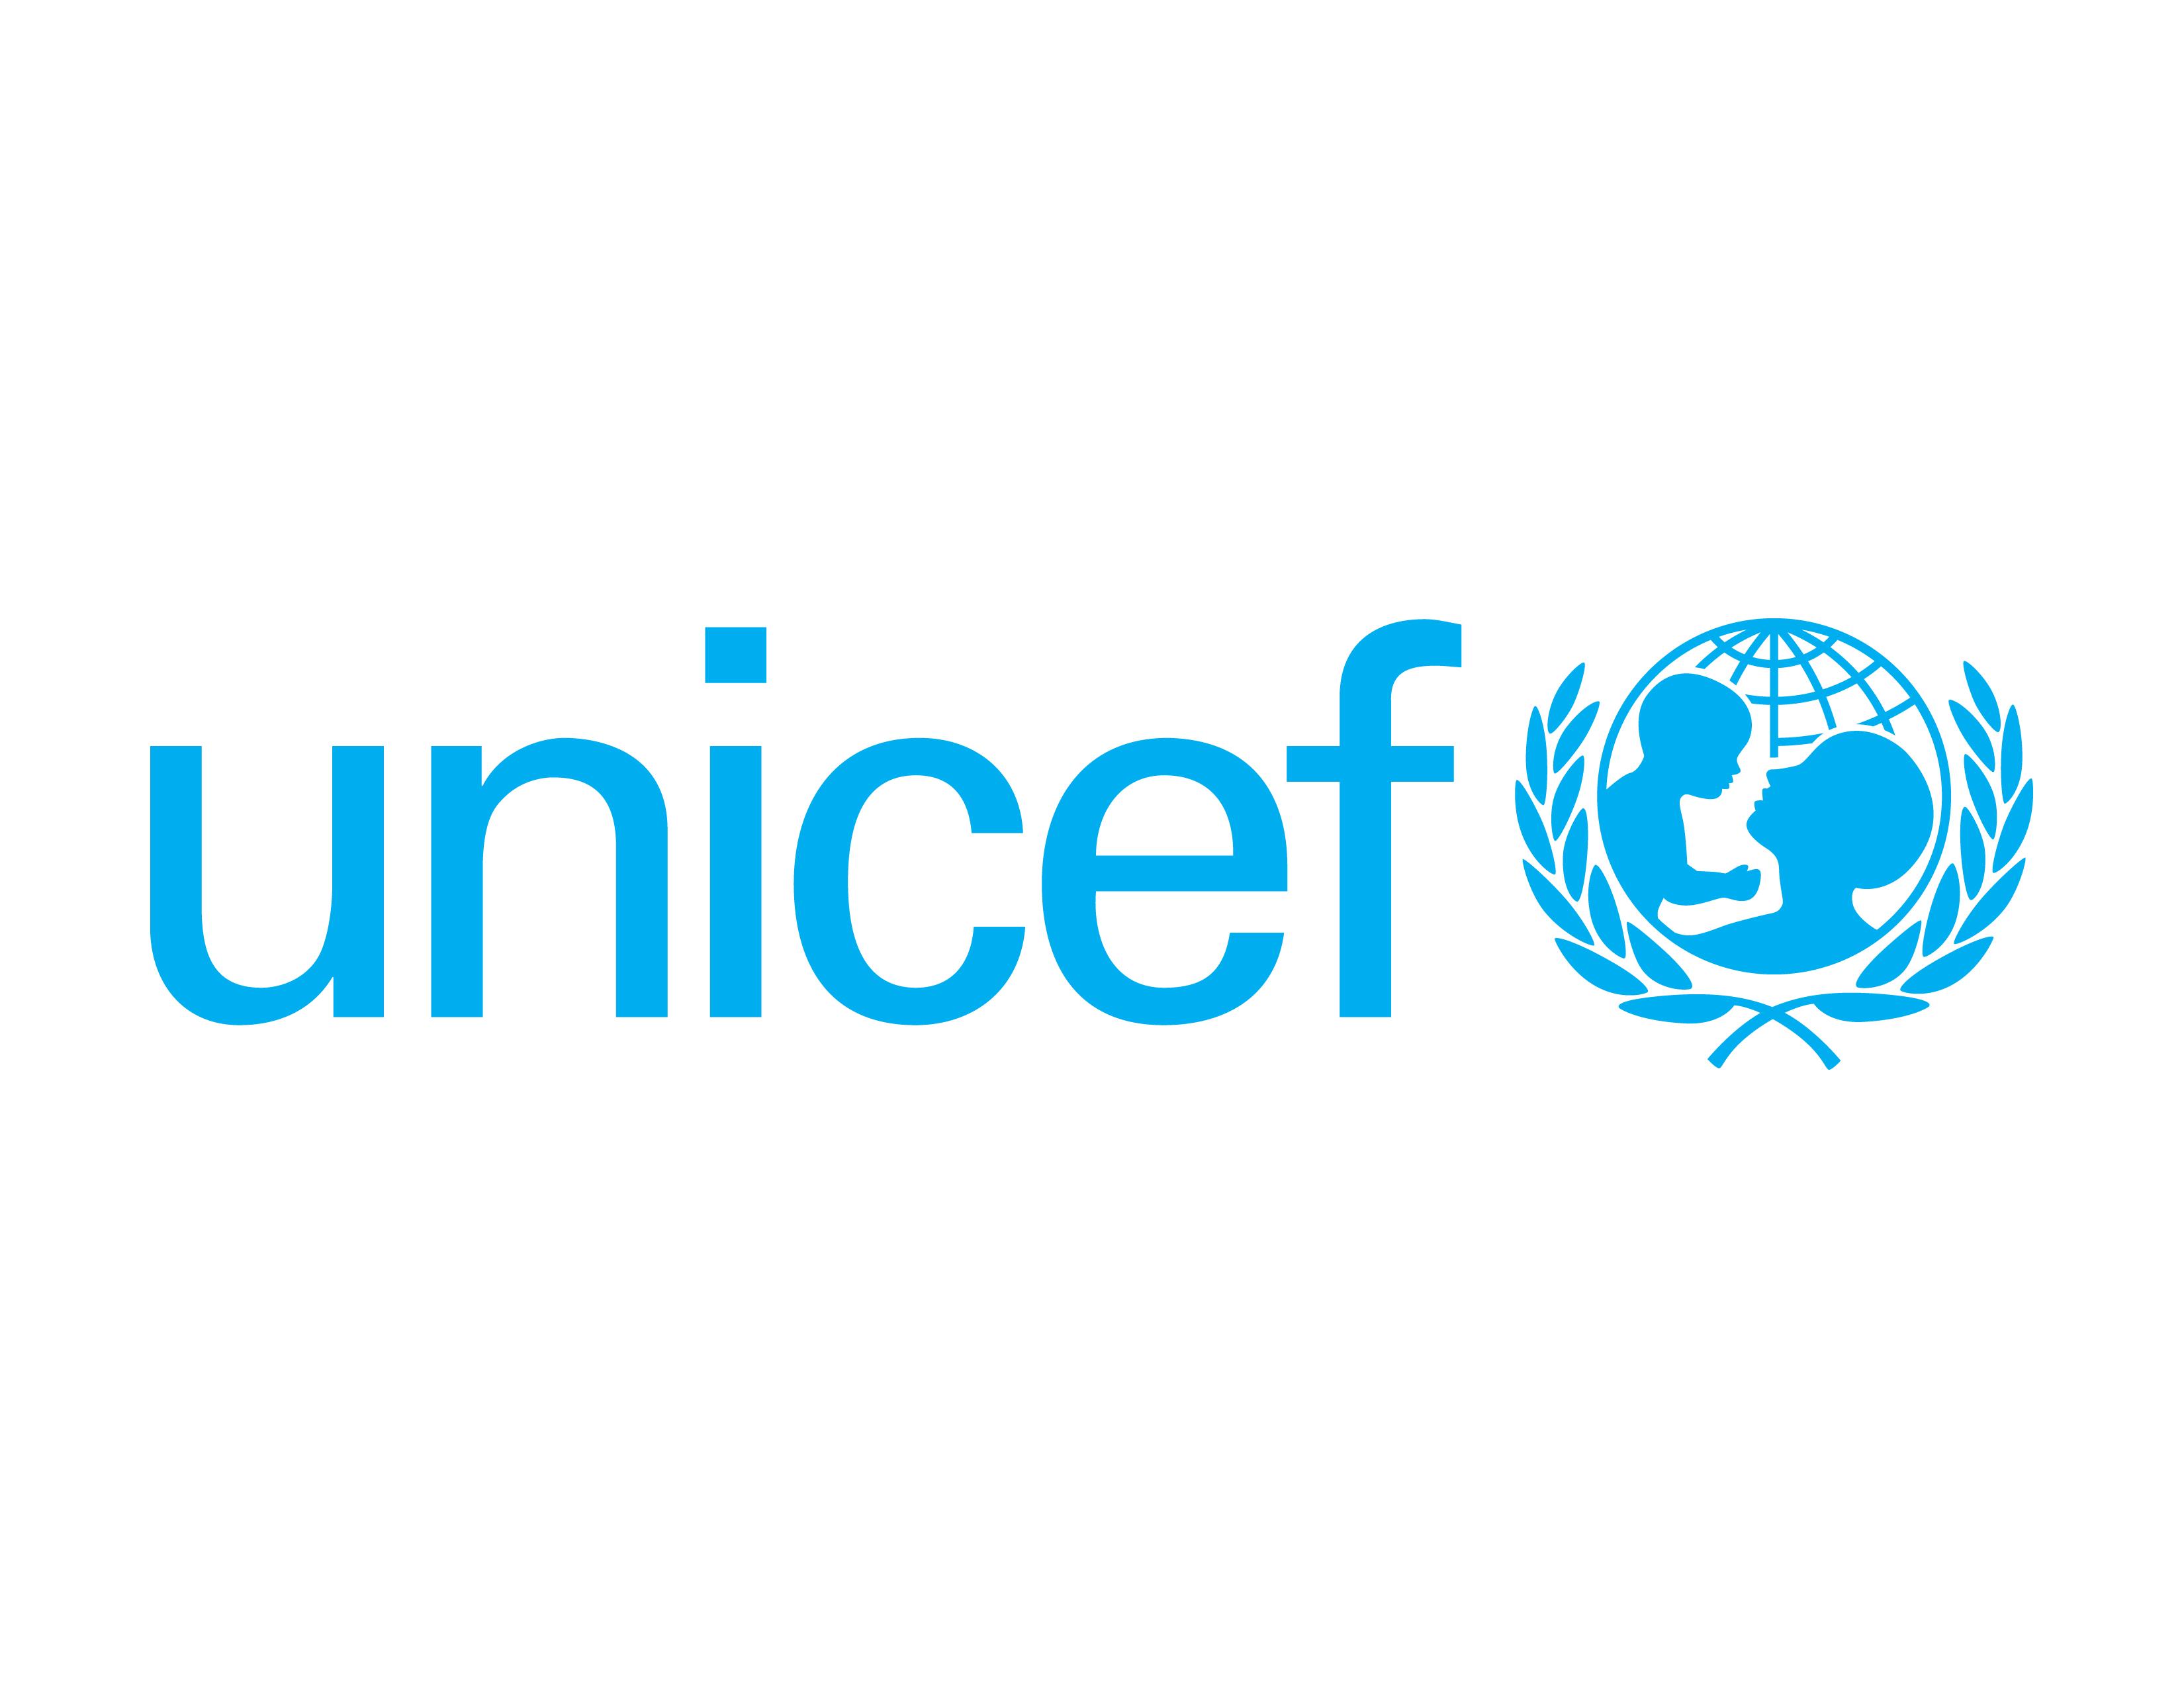 Unicef_logo-2[1]